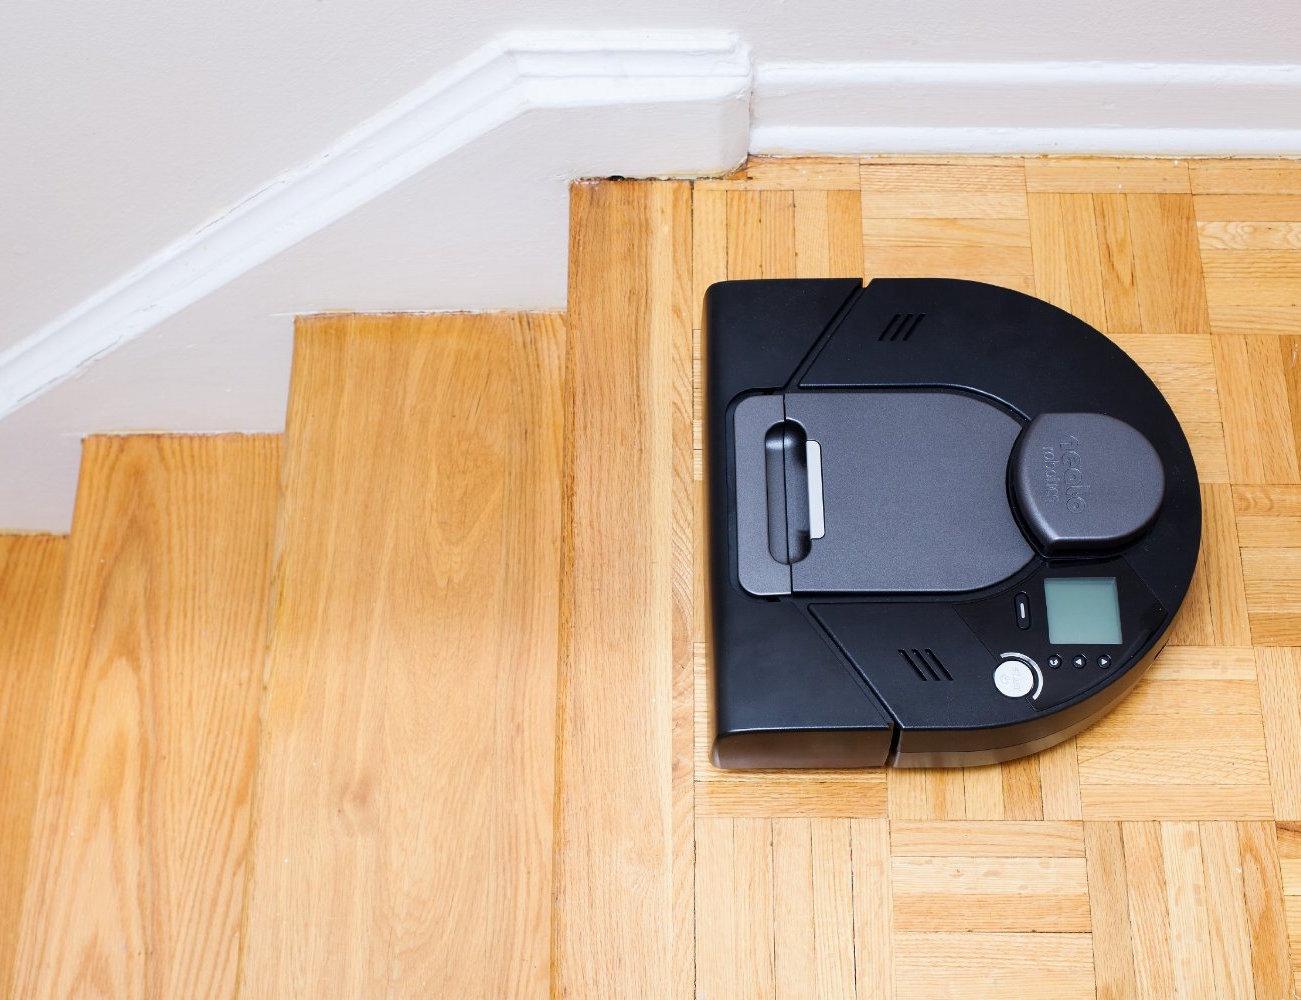 Neato Xv Signature Pro Robot Vacuum Cleaner 187 Gadget Flow